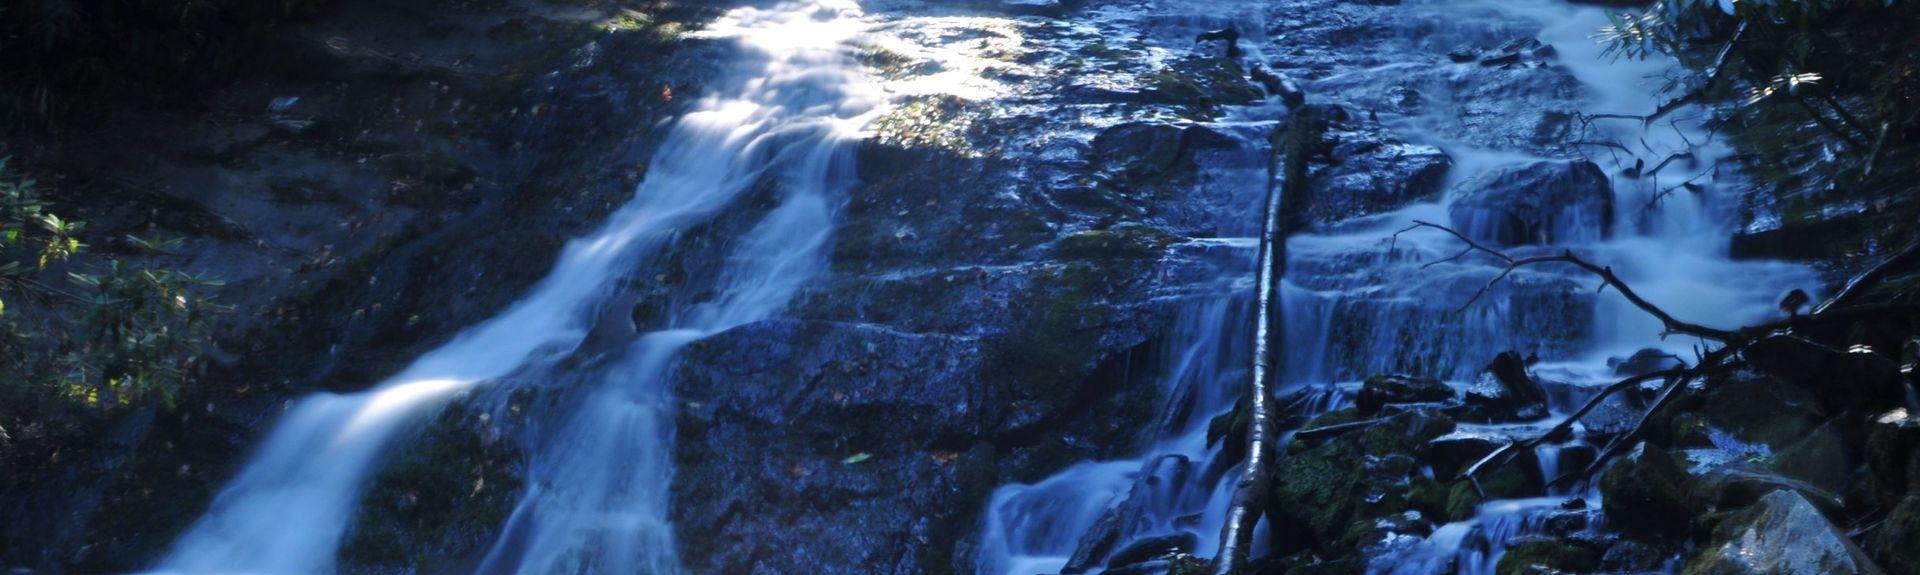 Soco Falls, Cherokee, Carolina do Norte, Estados Unidos